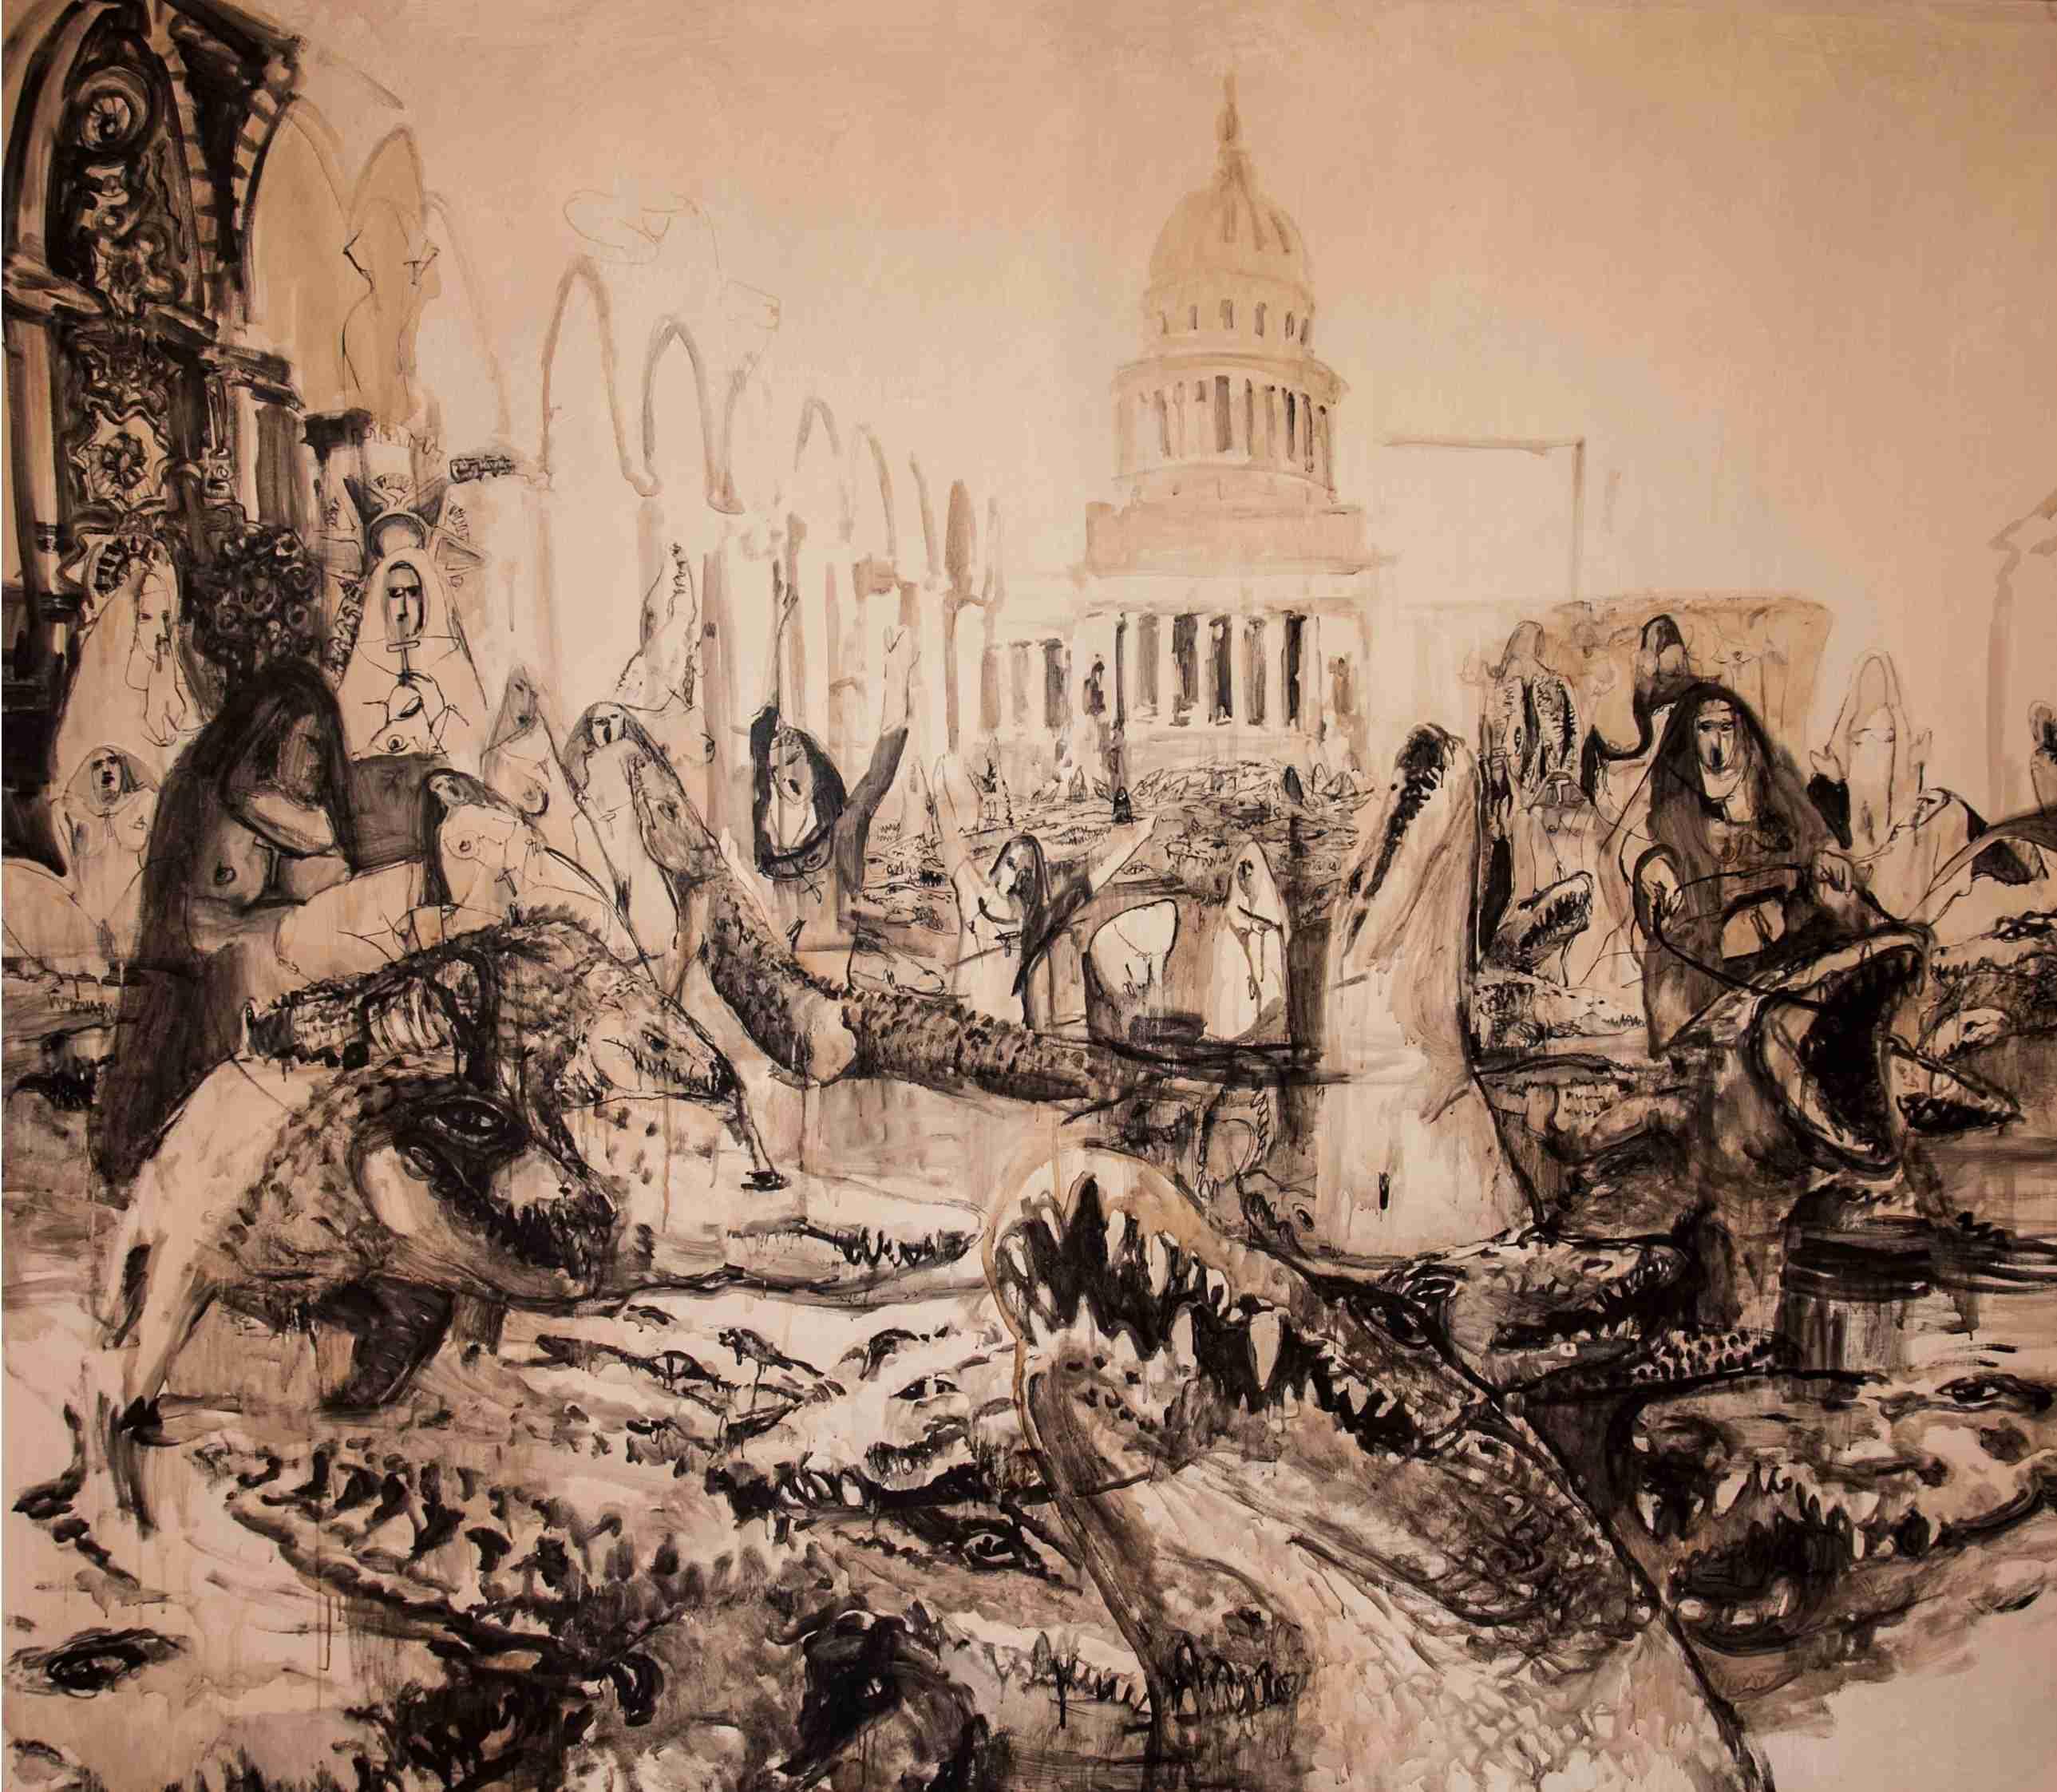 Obra: El año del cocodrilo